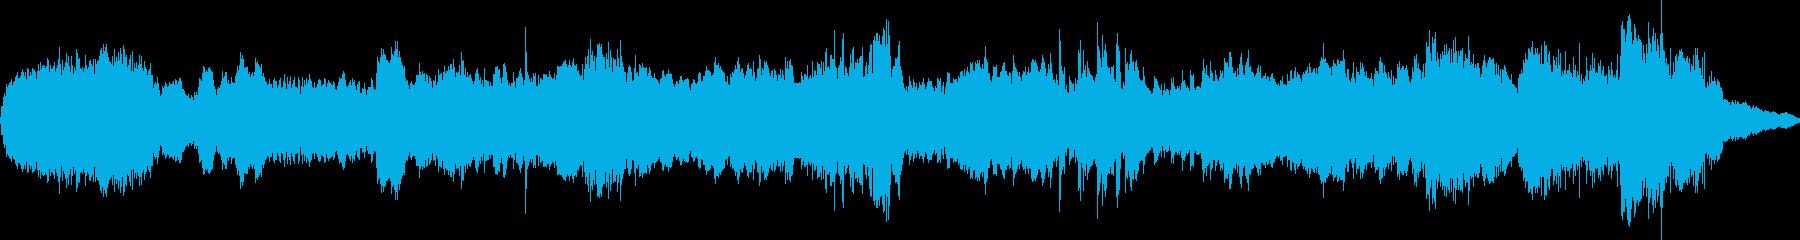 美メロとガツンとギターが混交する交響曲の再生済みの波形